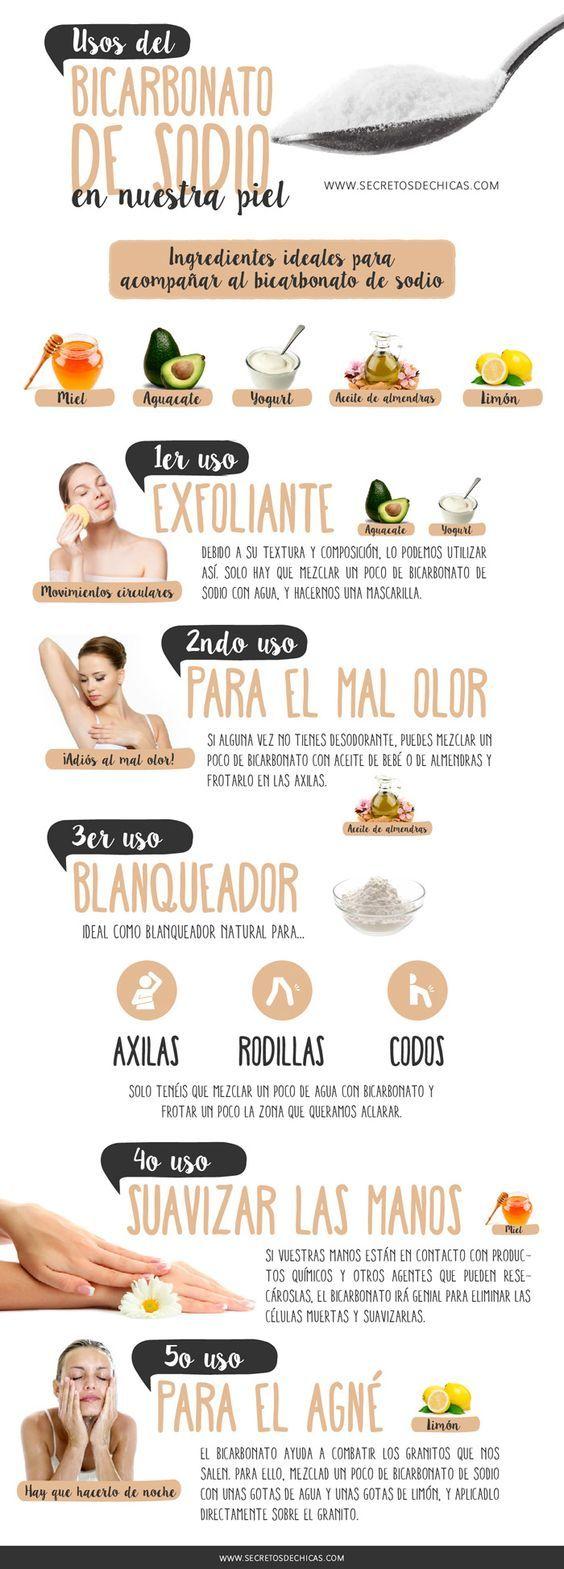 Os benefícios do Bicarbonato de Sódio. 1- Uso como Esfoliante, 2- Para Mau cheiro, 3-Como branqueador, 4- para mãos mais macias, 5- para acne